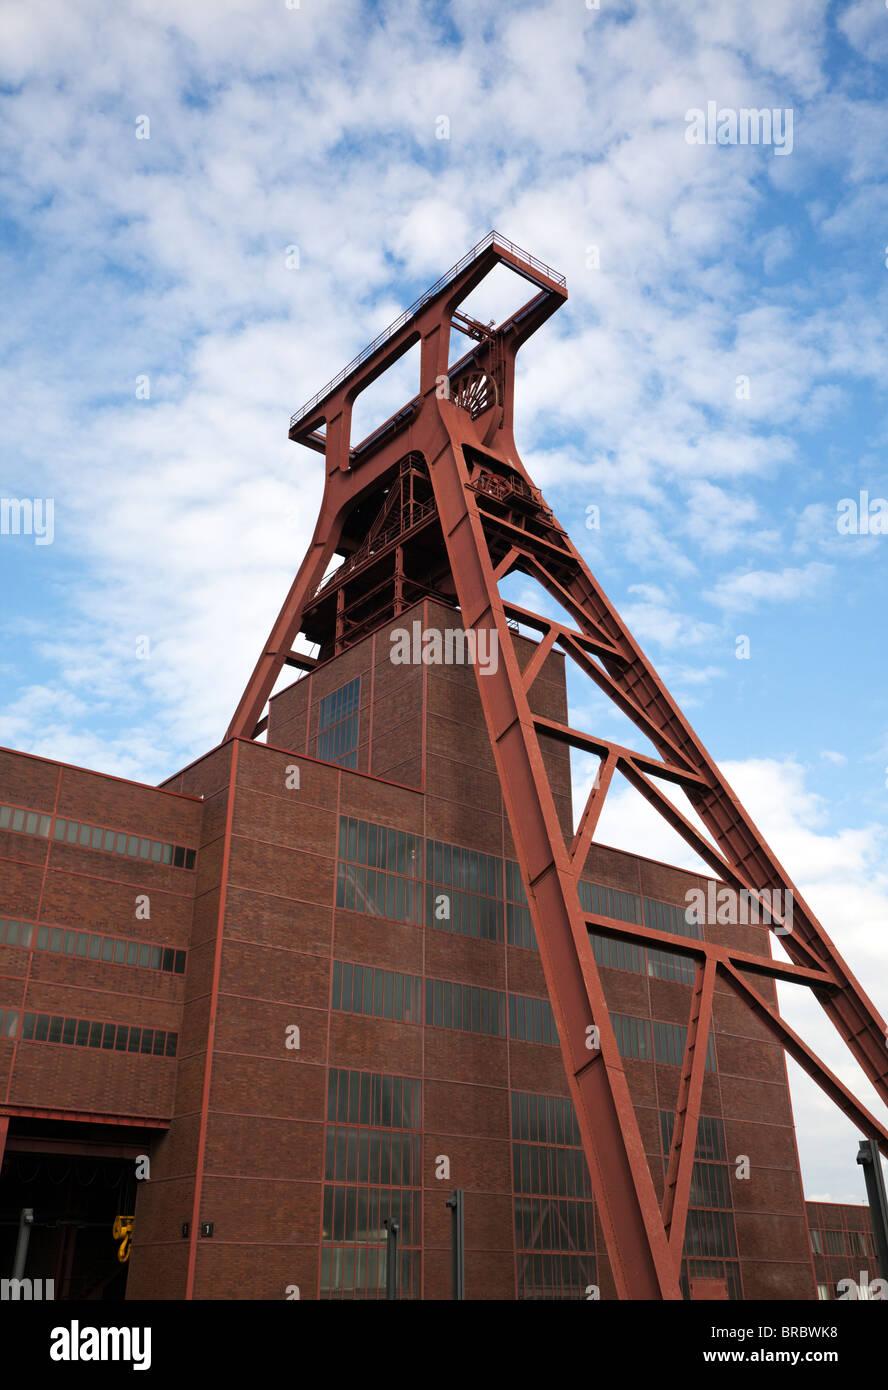 Shaft 12 of Zollverein Coal Mine Industrial Complex in Essen, UNESCO World Heritage Site - Stock Image